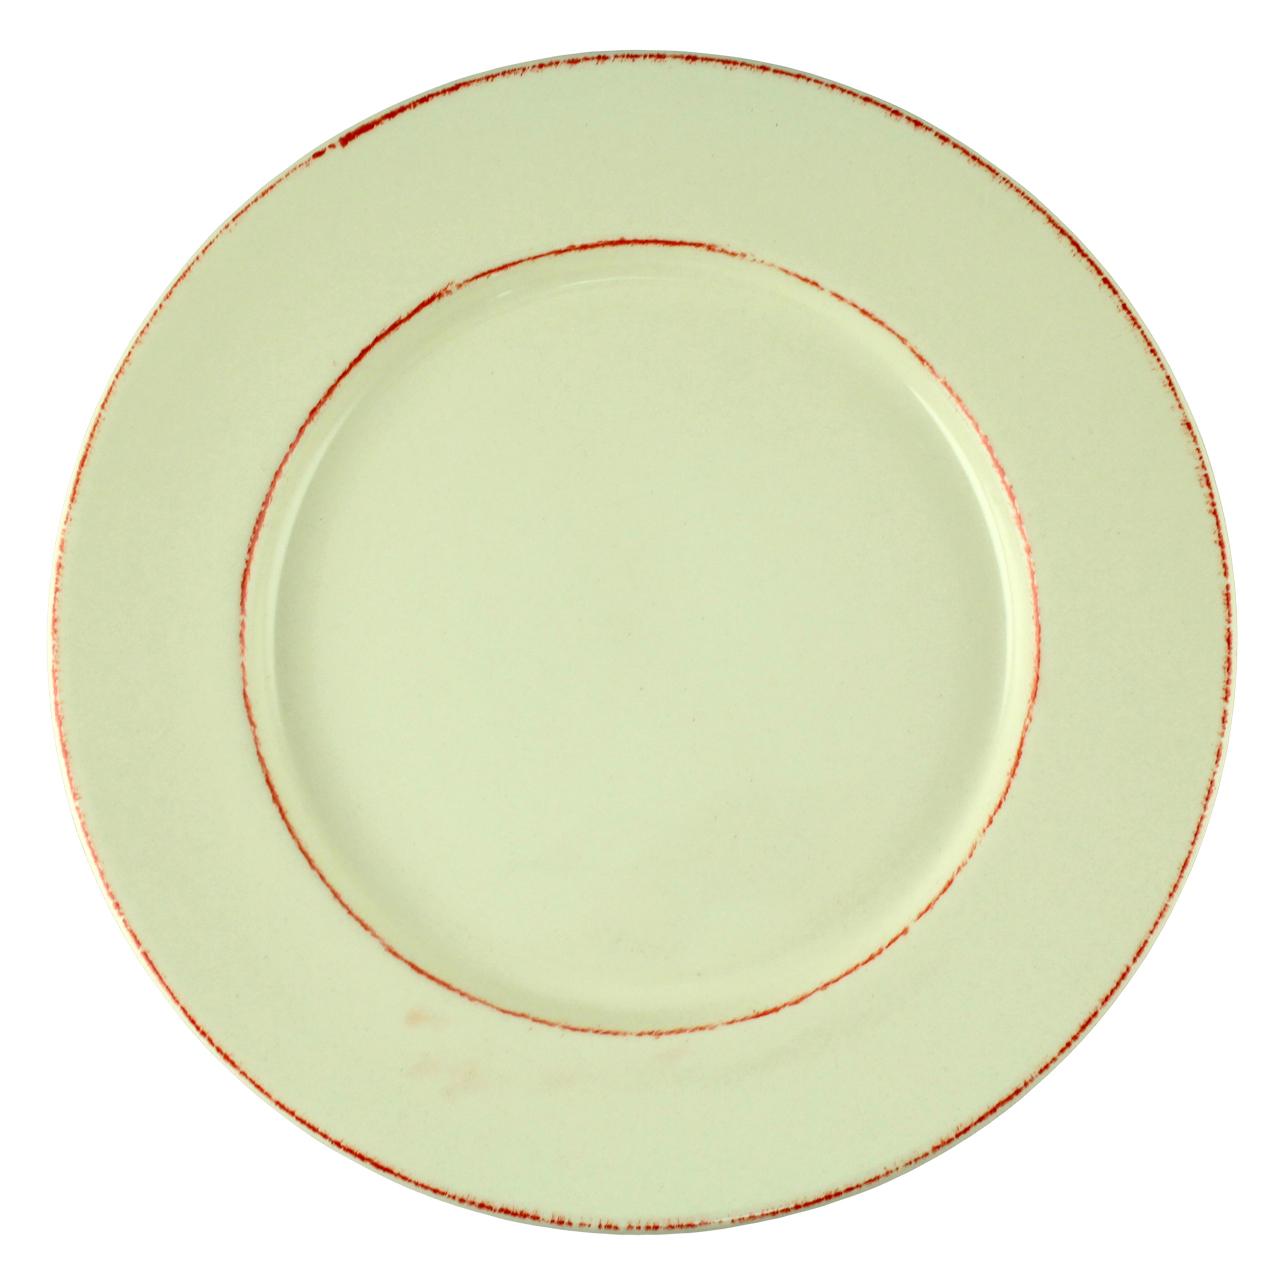 Farfurie Rustica Din Ceramica 26 Cm